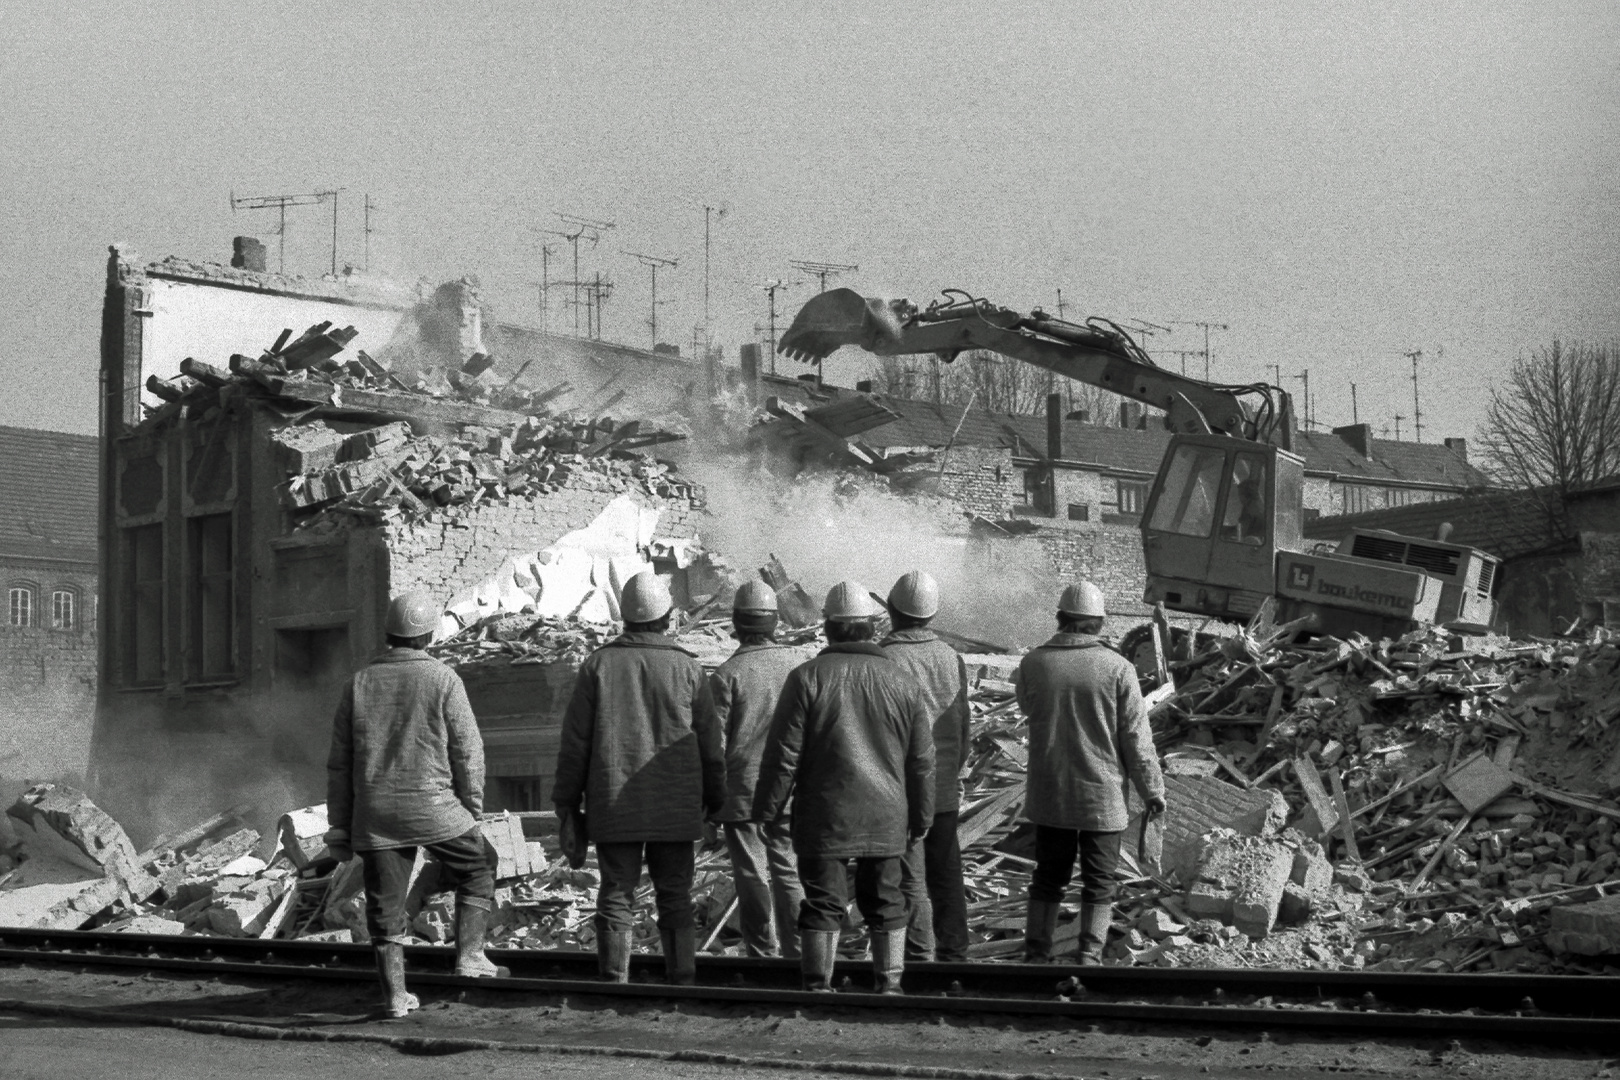 Rückblick: 1990 Sanierung Grubenstrasse in Rostock